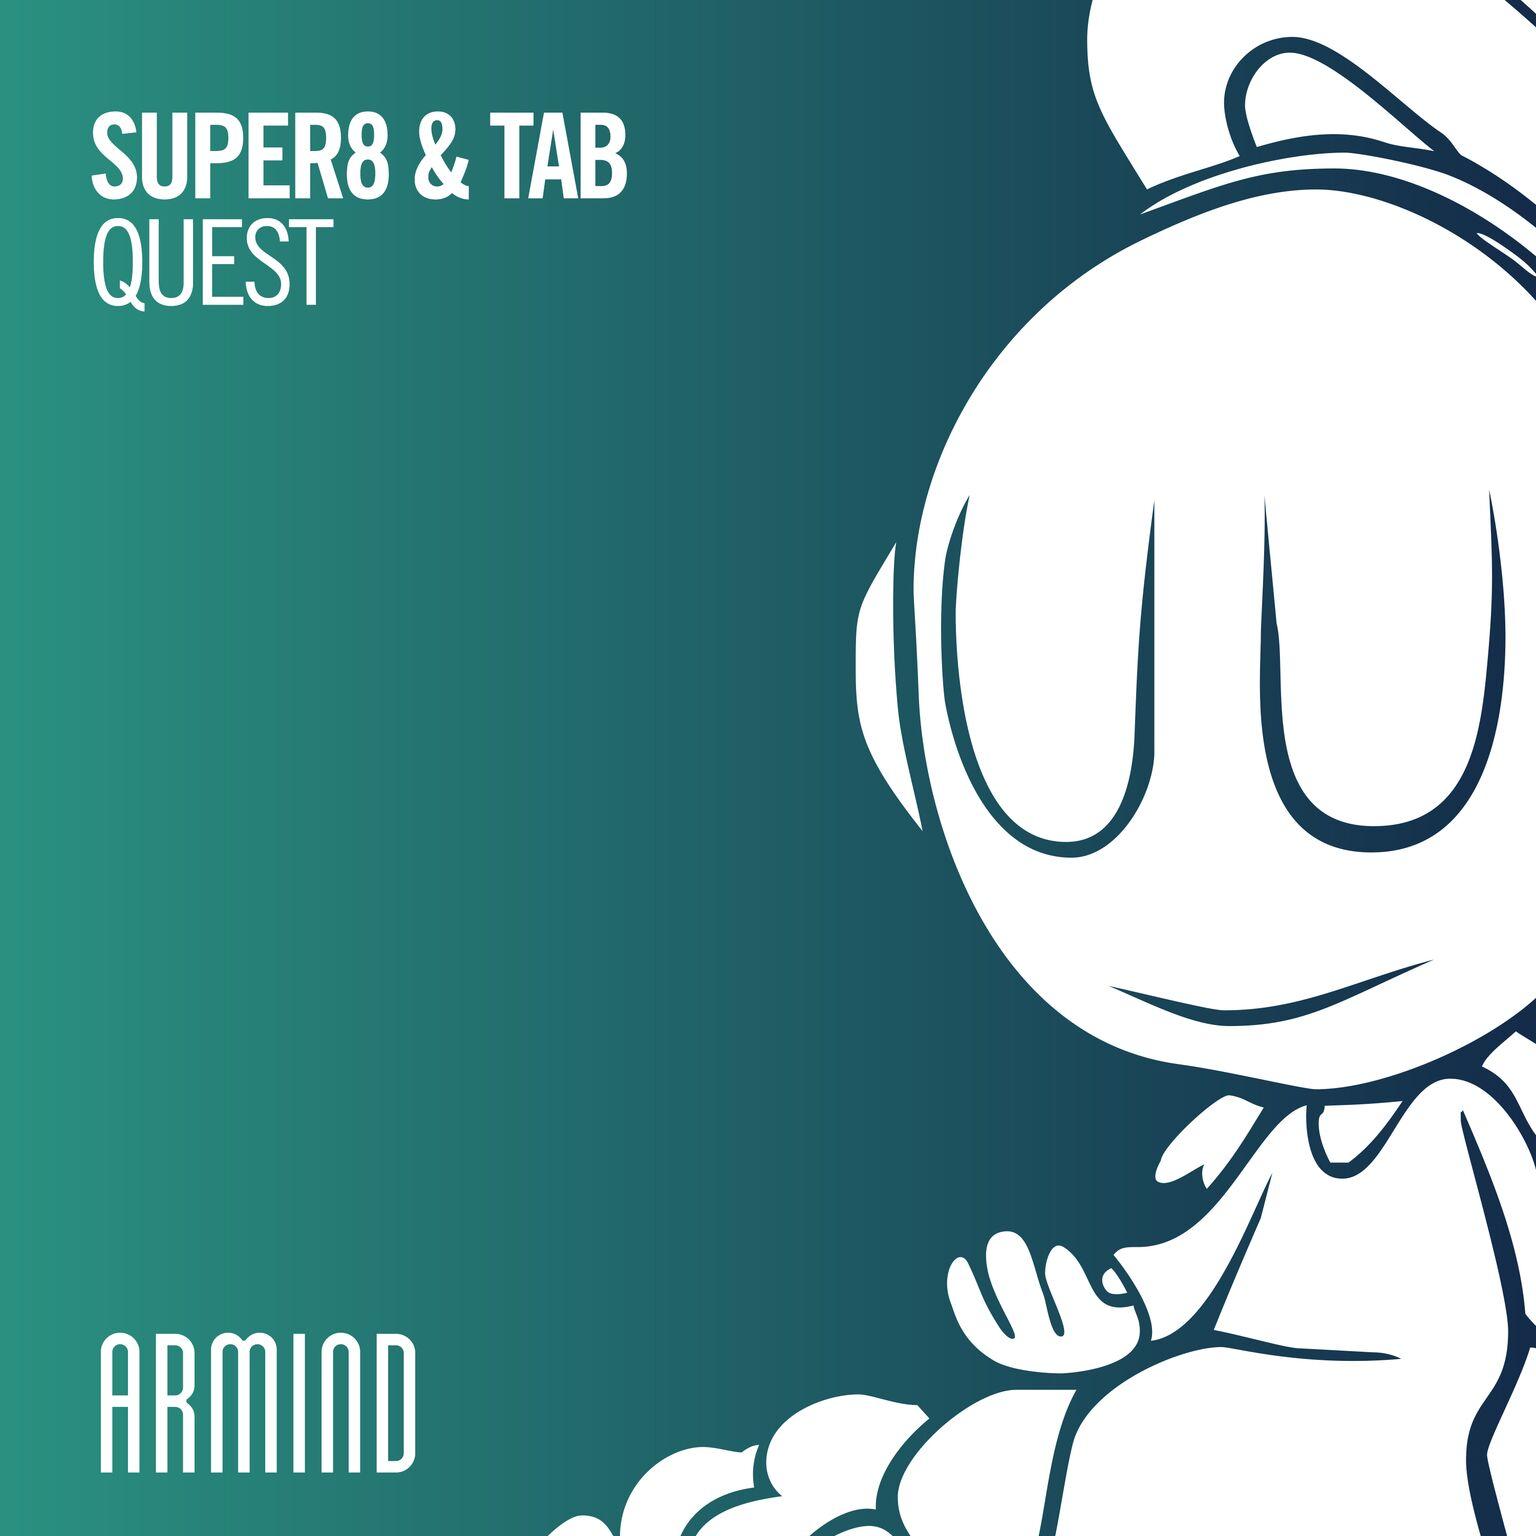 Super8 & Tab - Quest